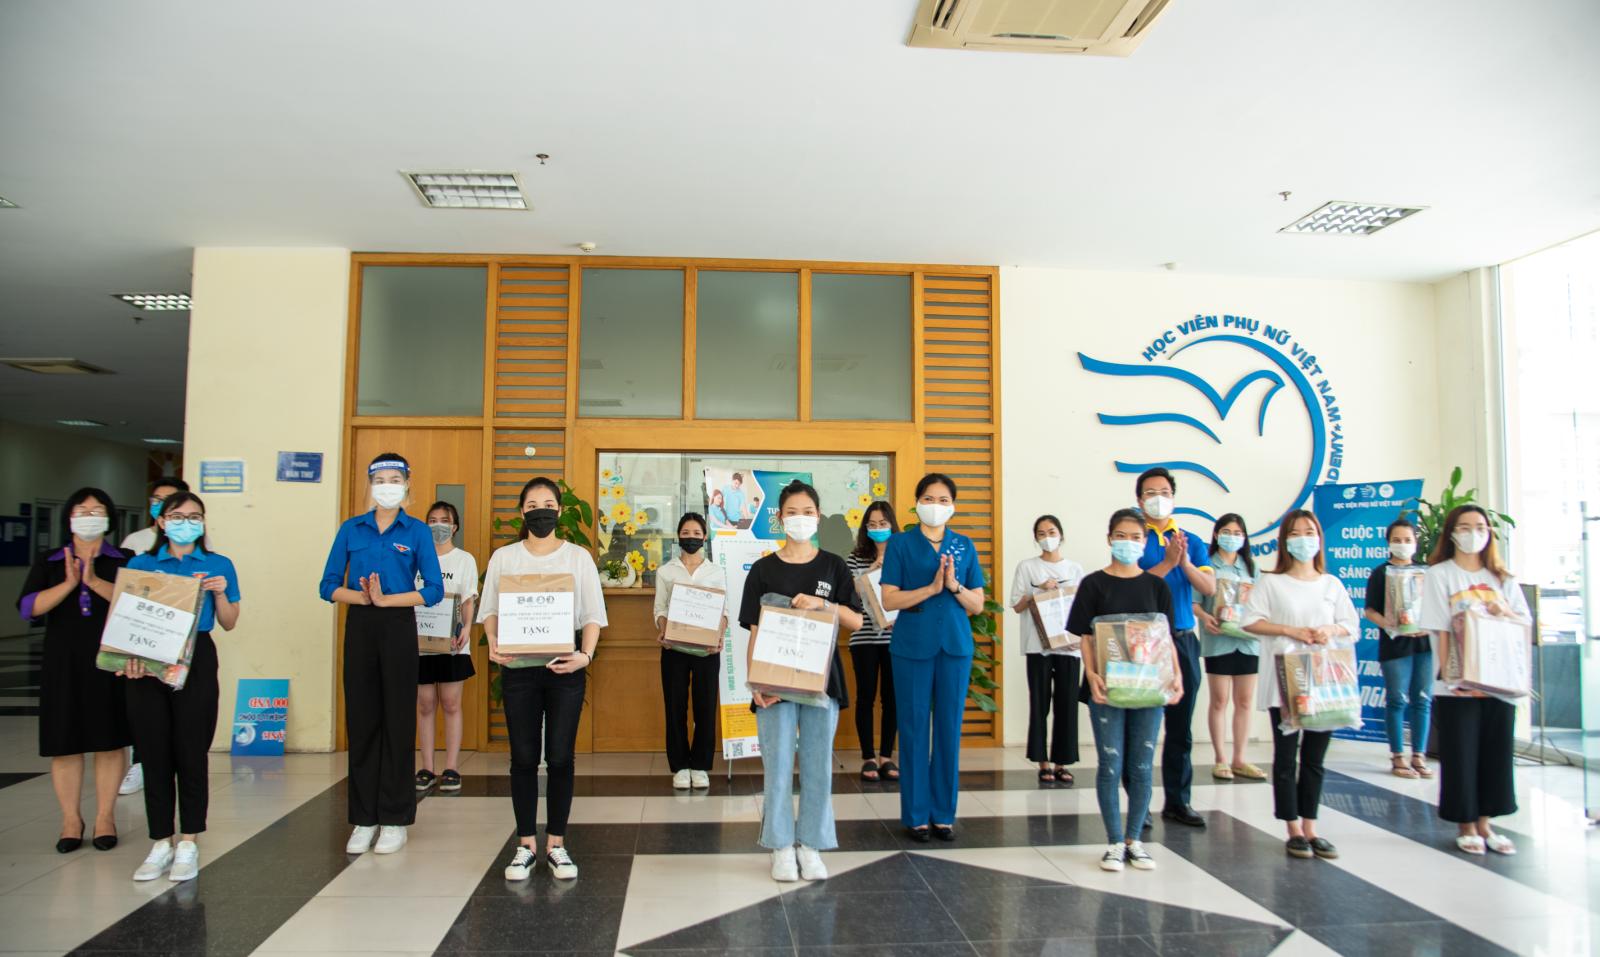 Tiếp sức sinh viên vượt qua đại dịch Covid - 19